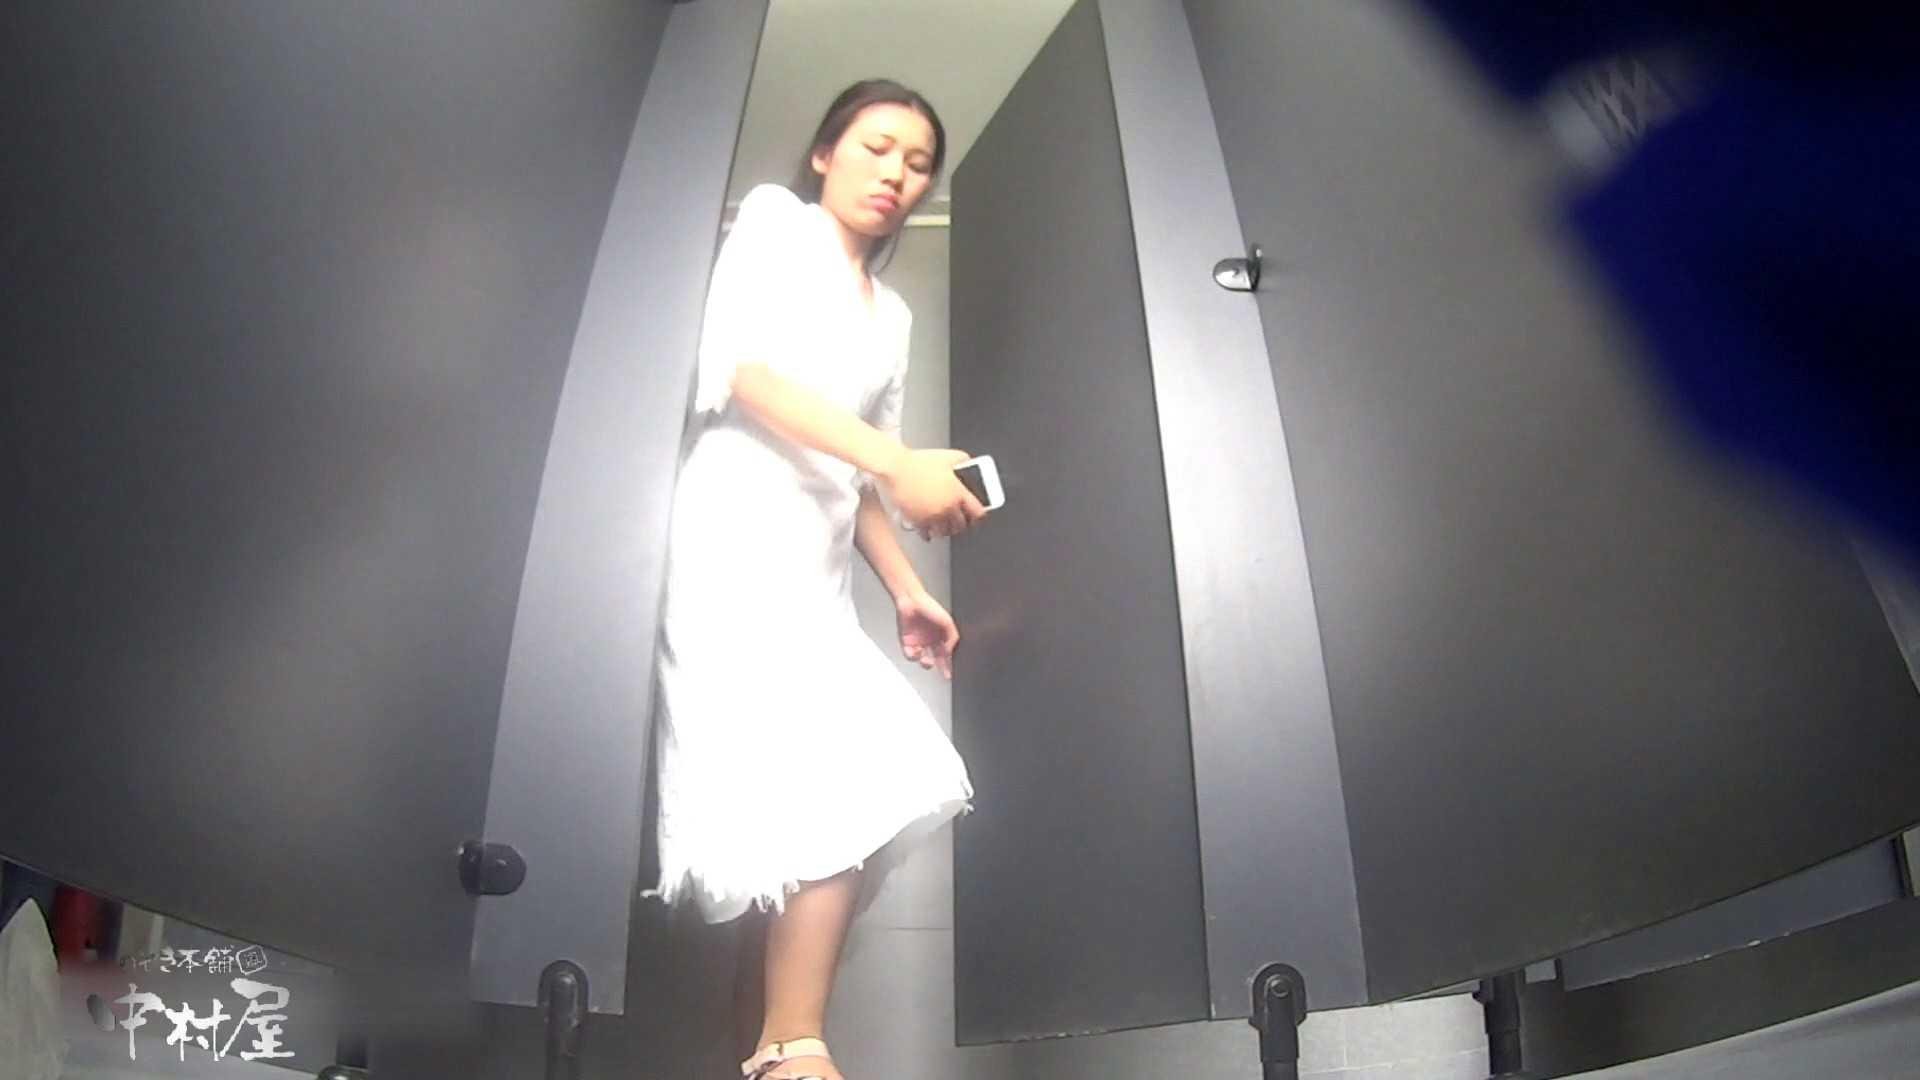 ツンデレお女市さんのトイレ事情 大学休憩時間の洗面所事情32 美女まとめ エロ無料画像 110PIX 63